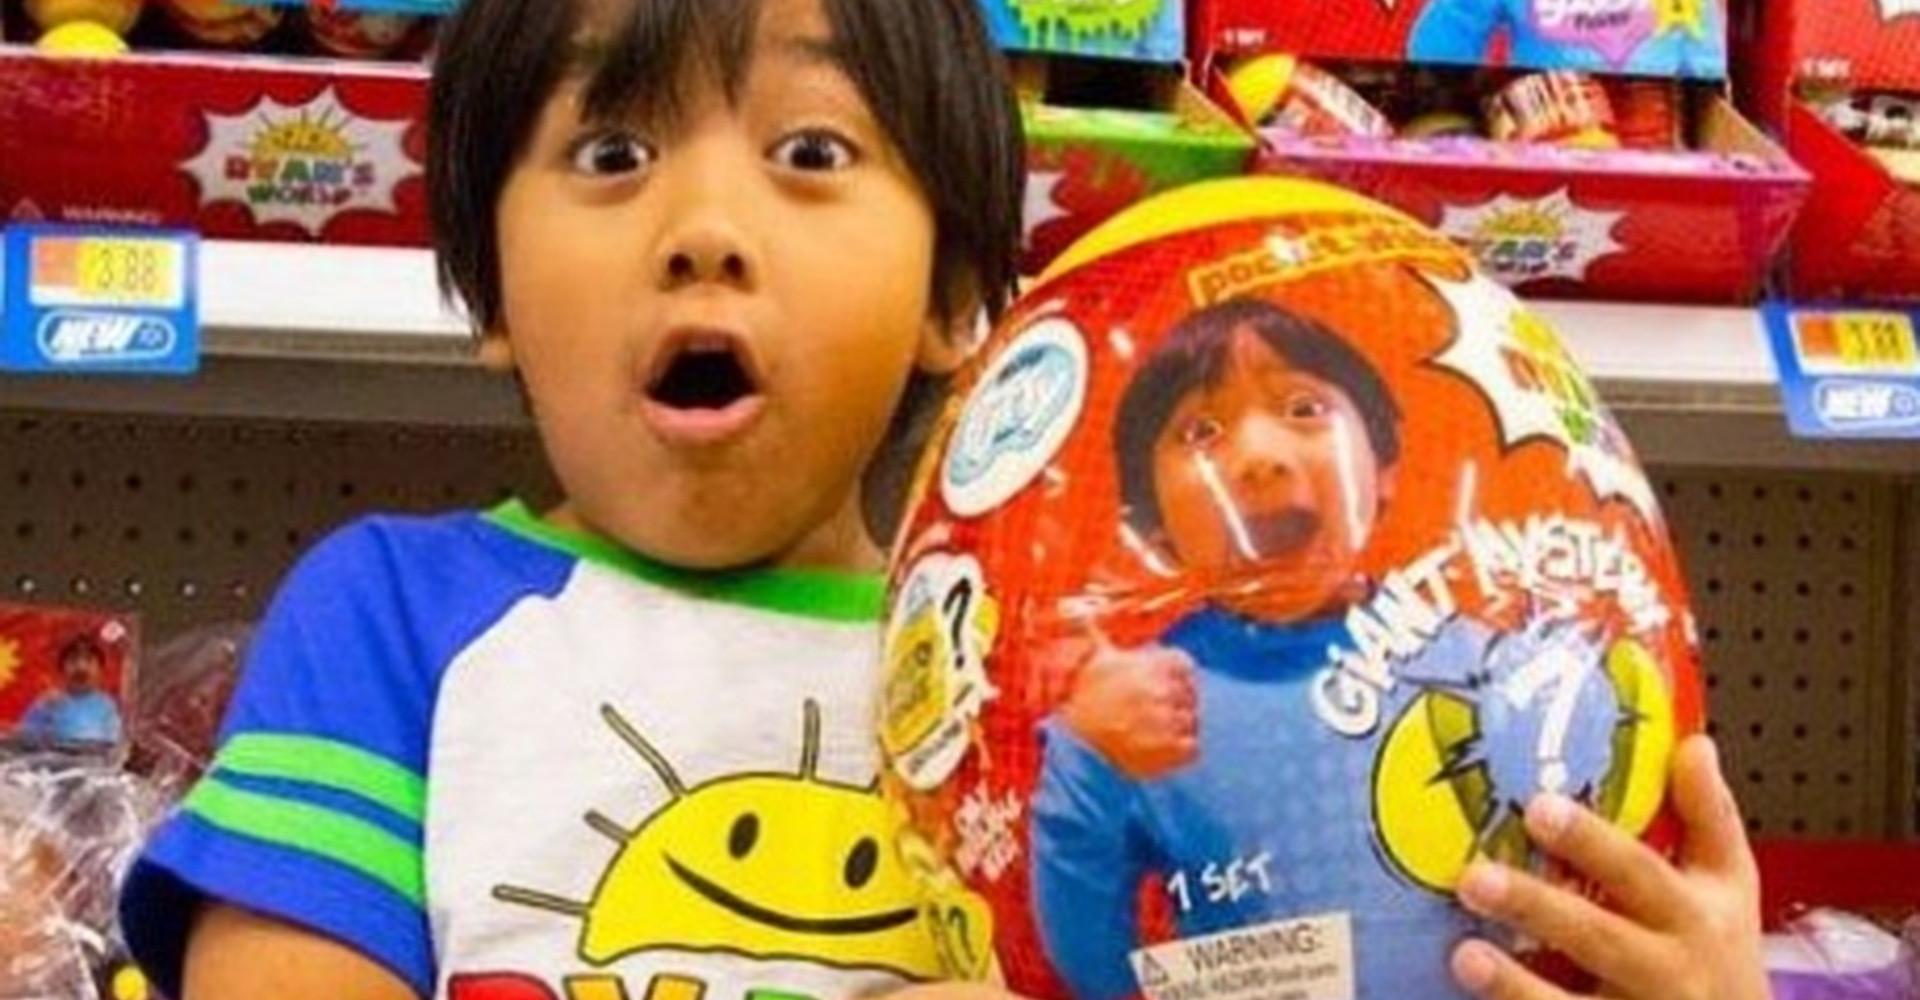 Cet enfant de 7 ans a gagné 22 millions de dollars en un an